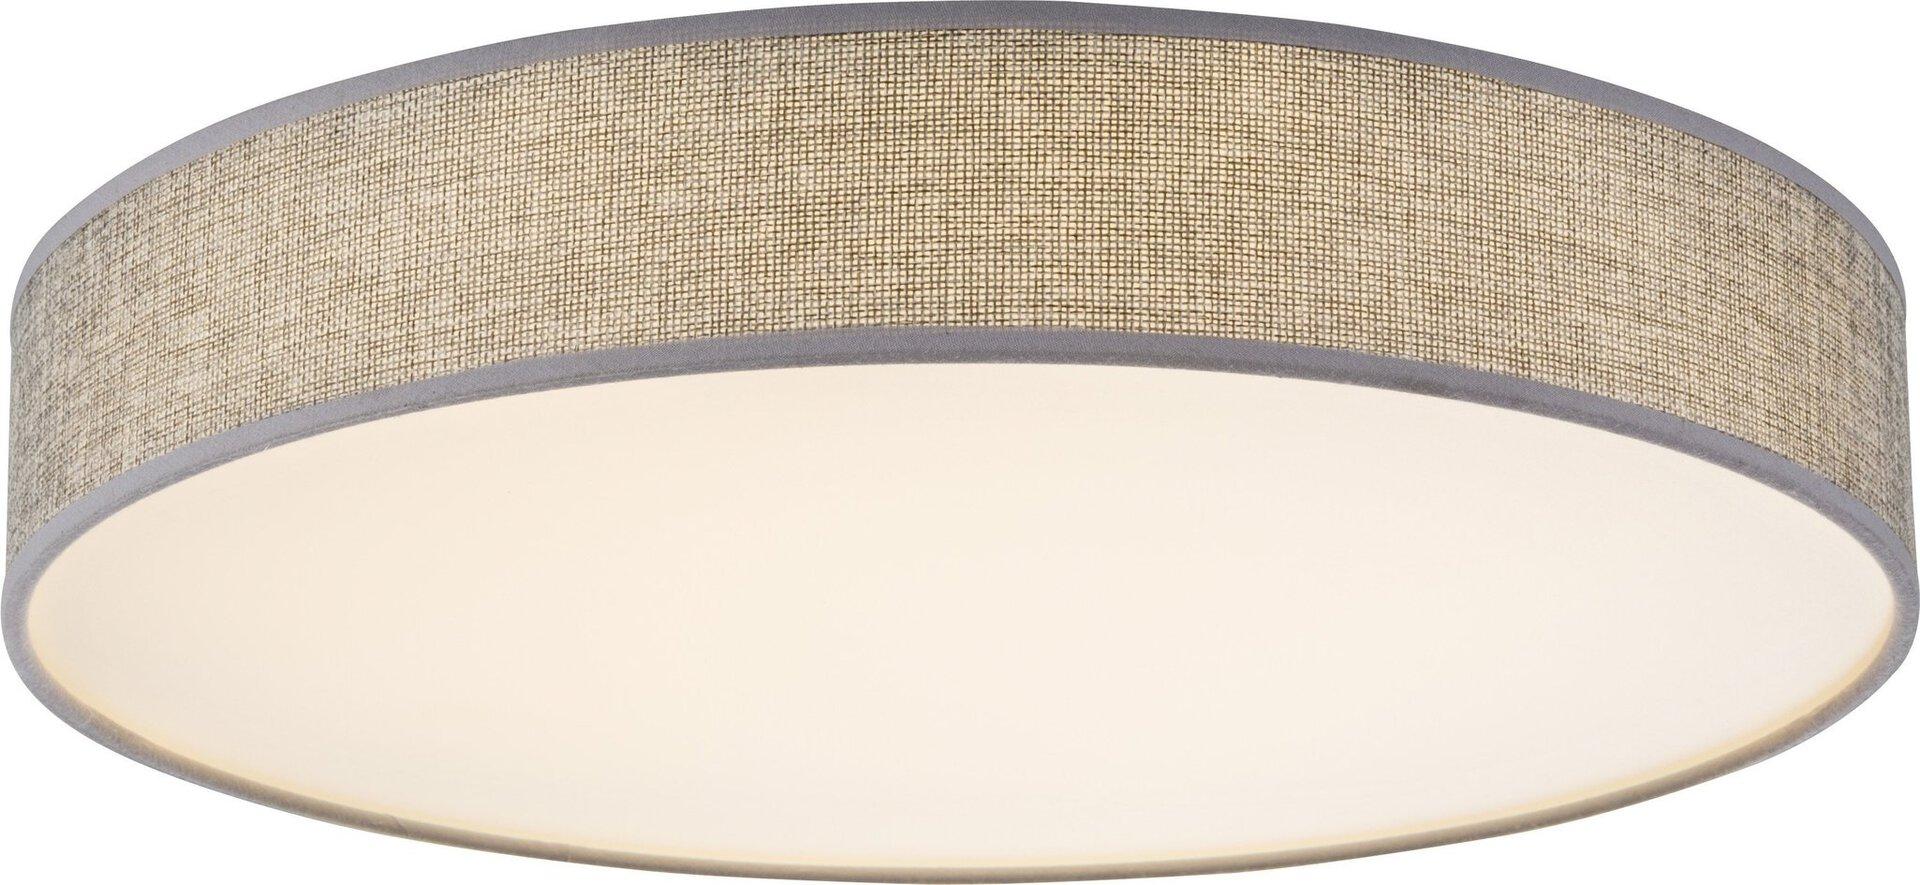 Deckenleuchte PACO Globo Textil weiß 40 x 10 x 40 cm